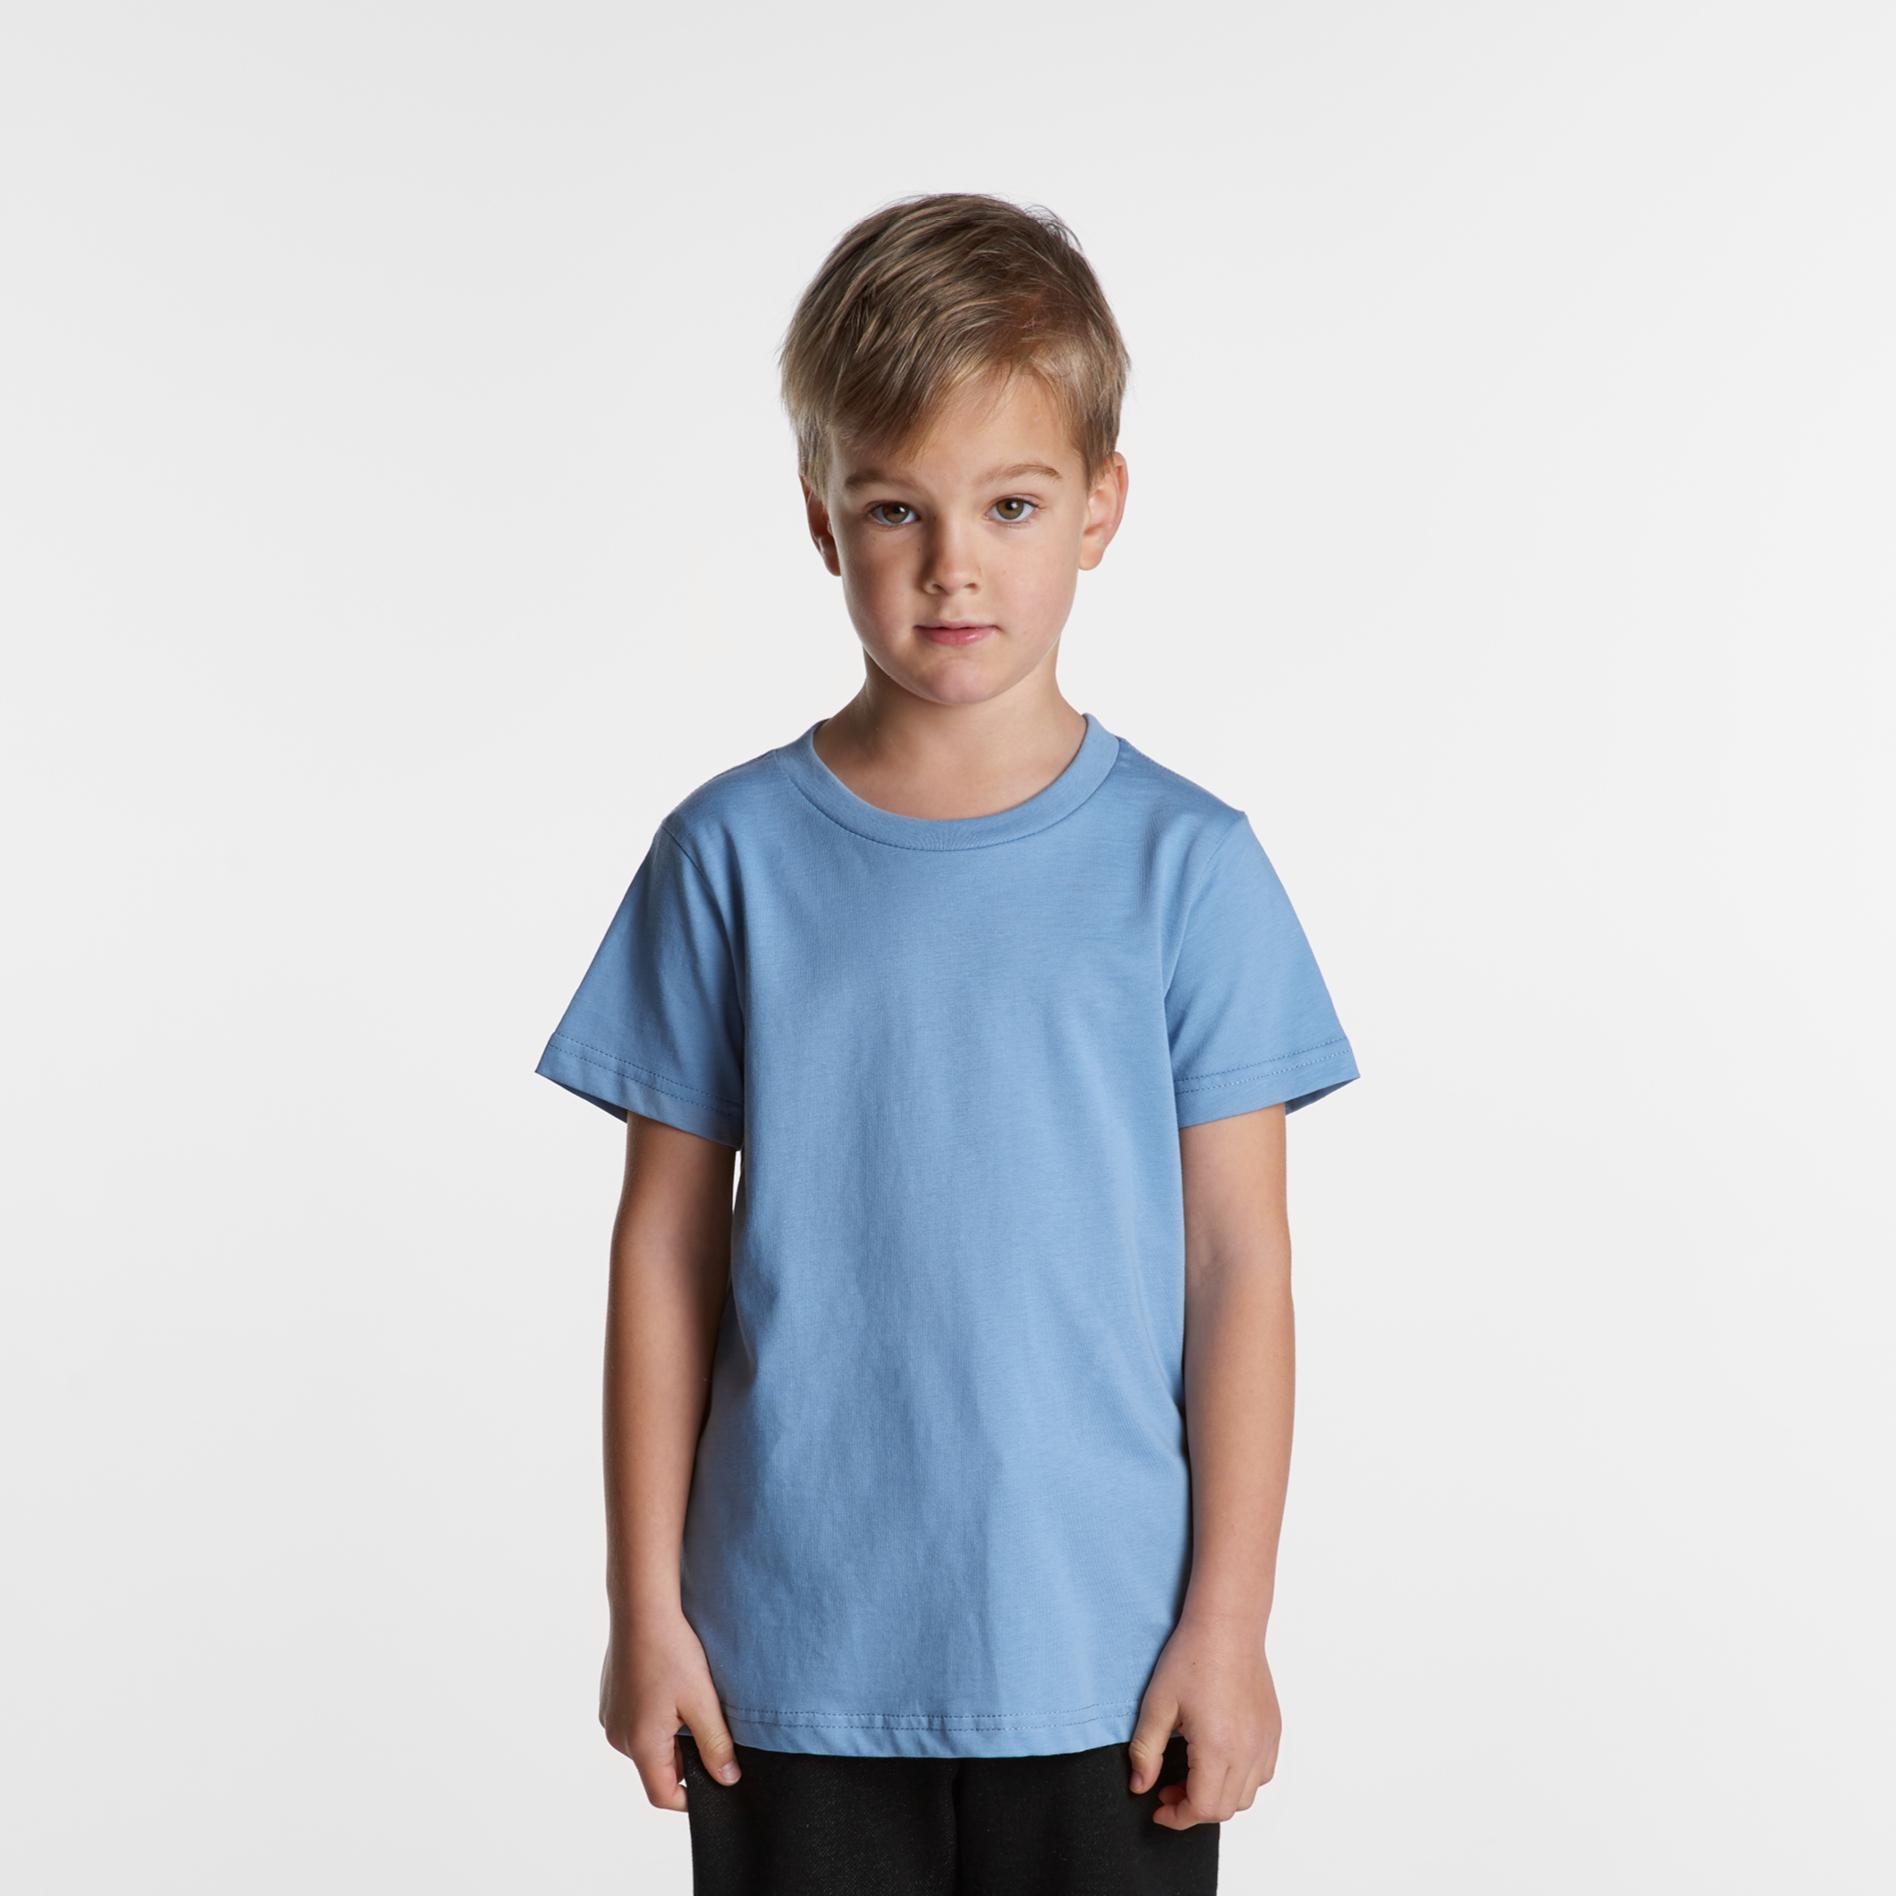 Kids Tee (3005_AS)